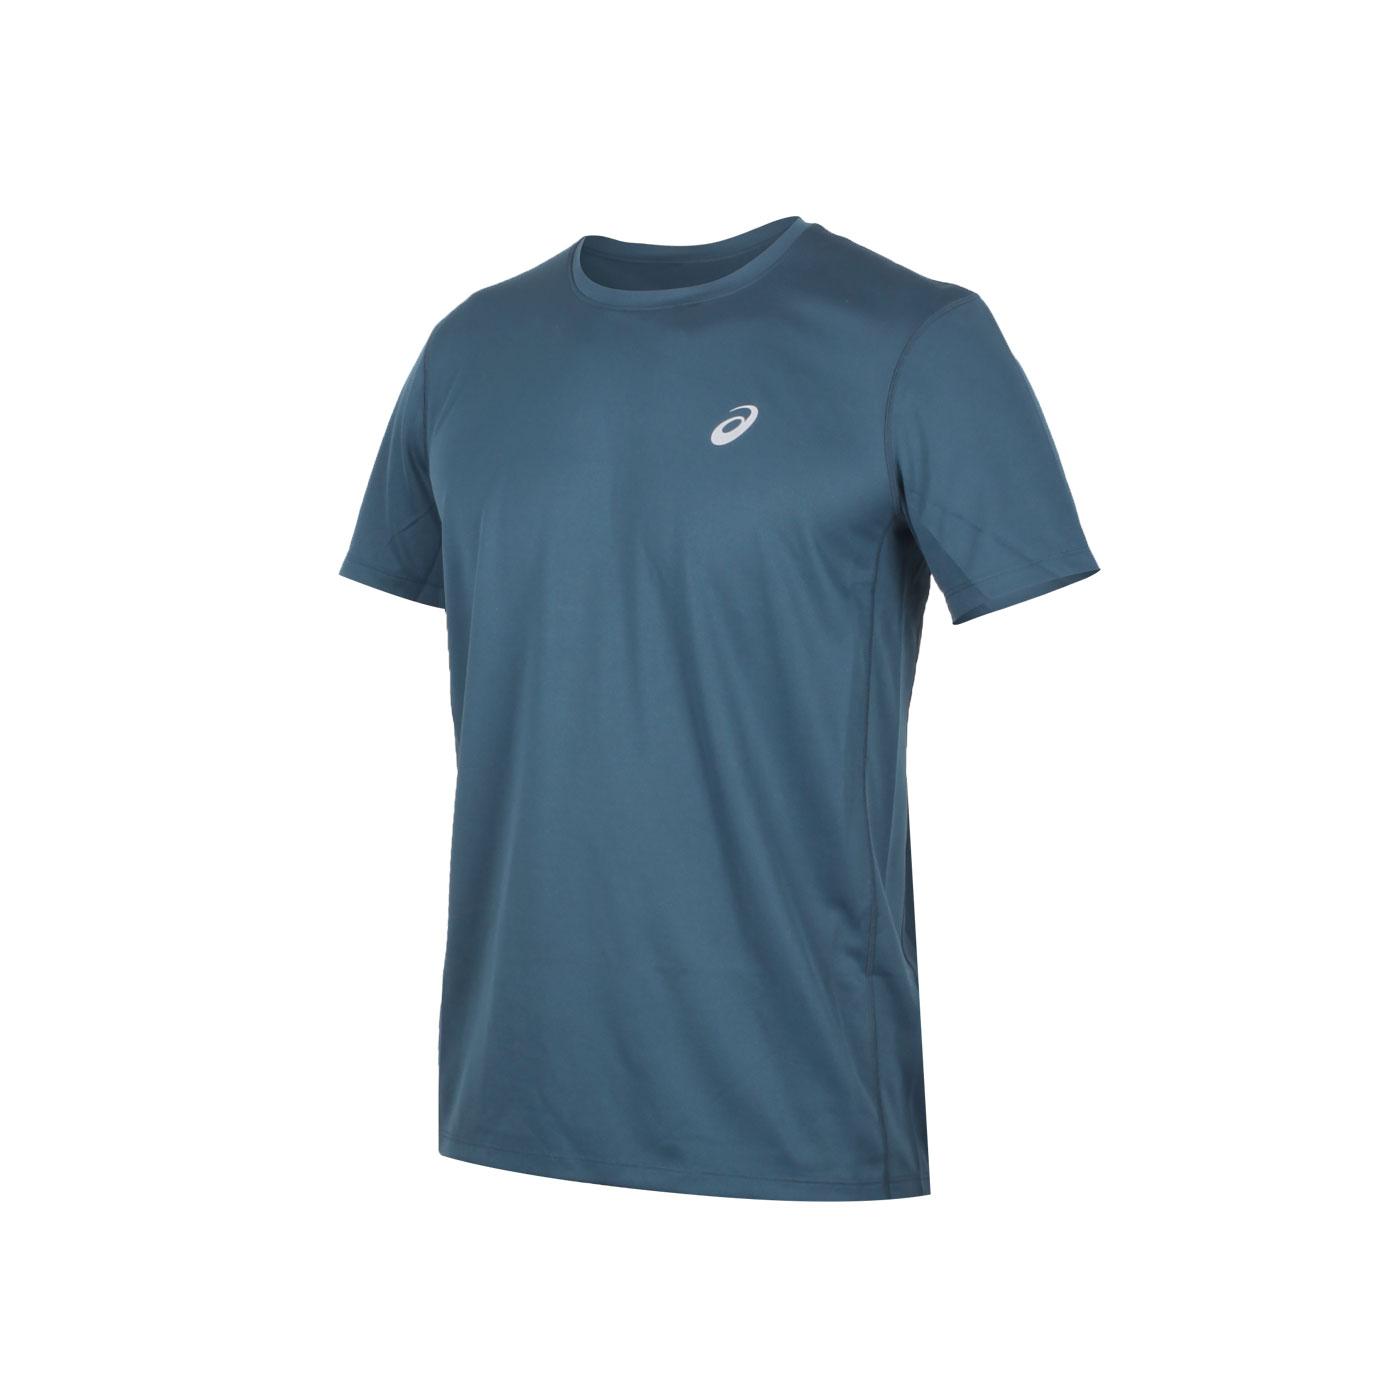 ASICS 男款片假名短袖T恤 2011A866-404 - 墨藍銀